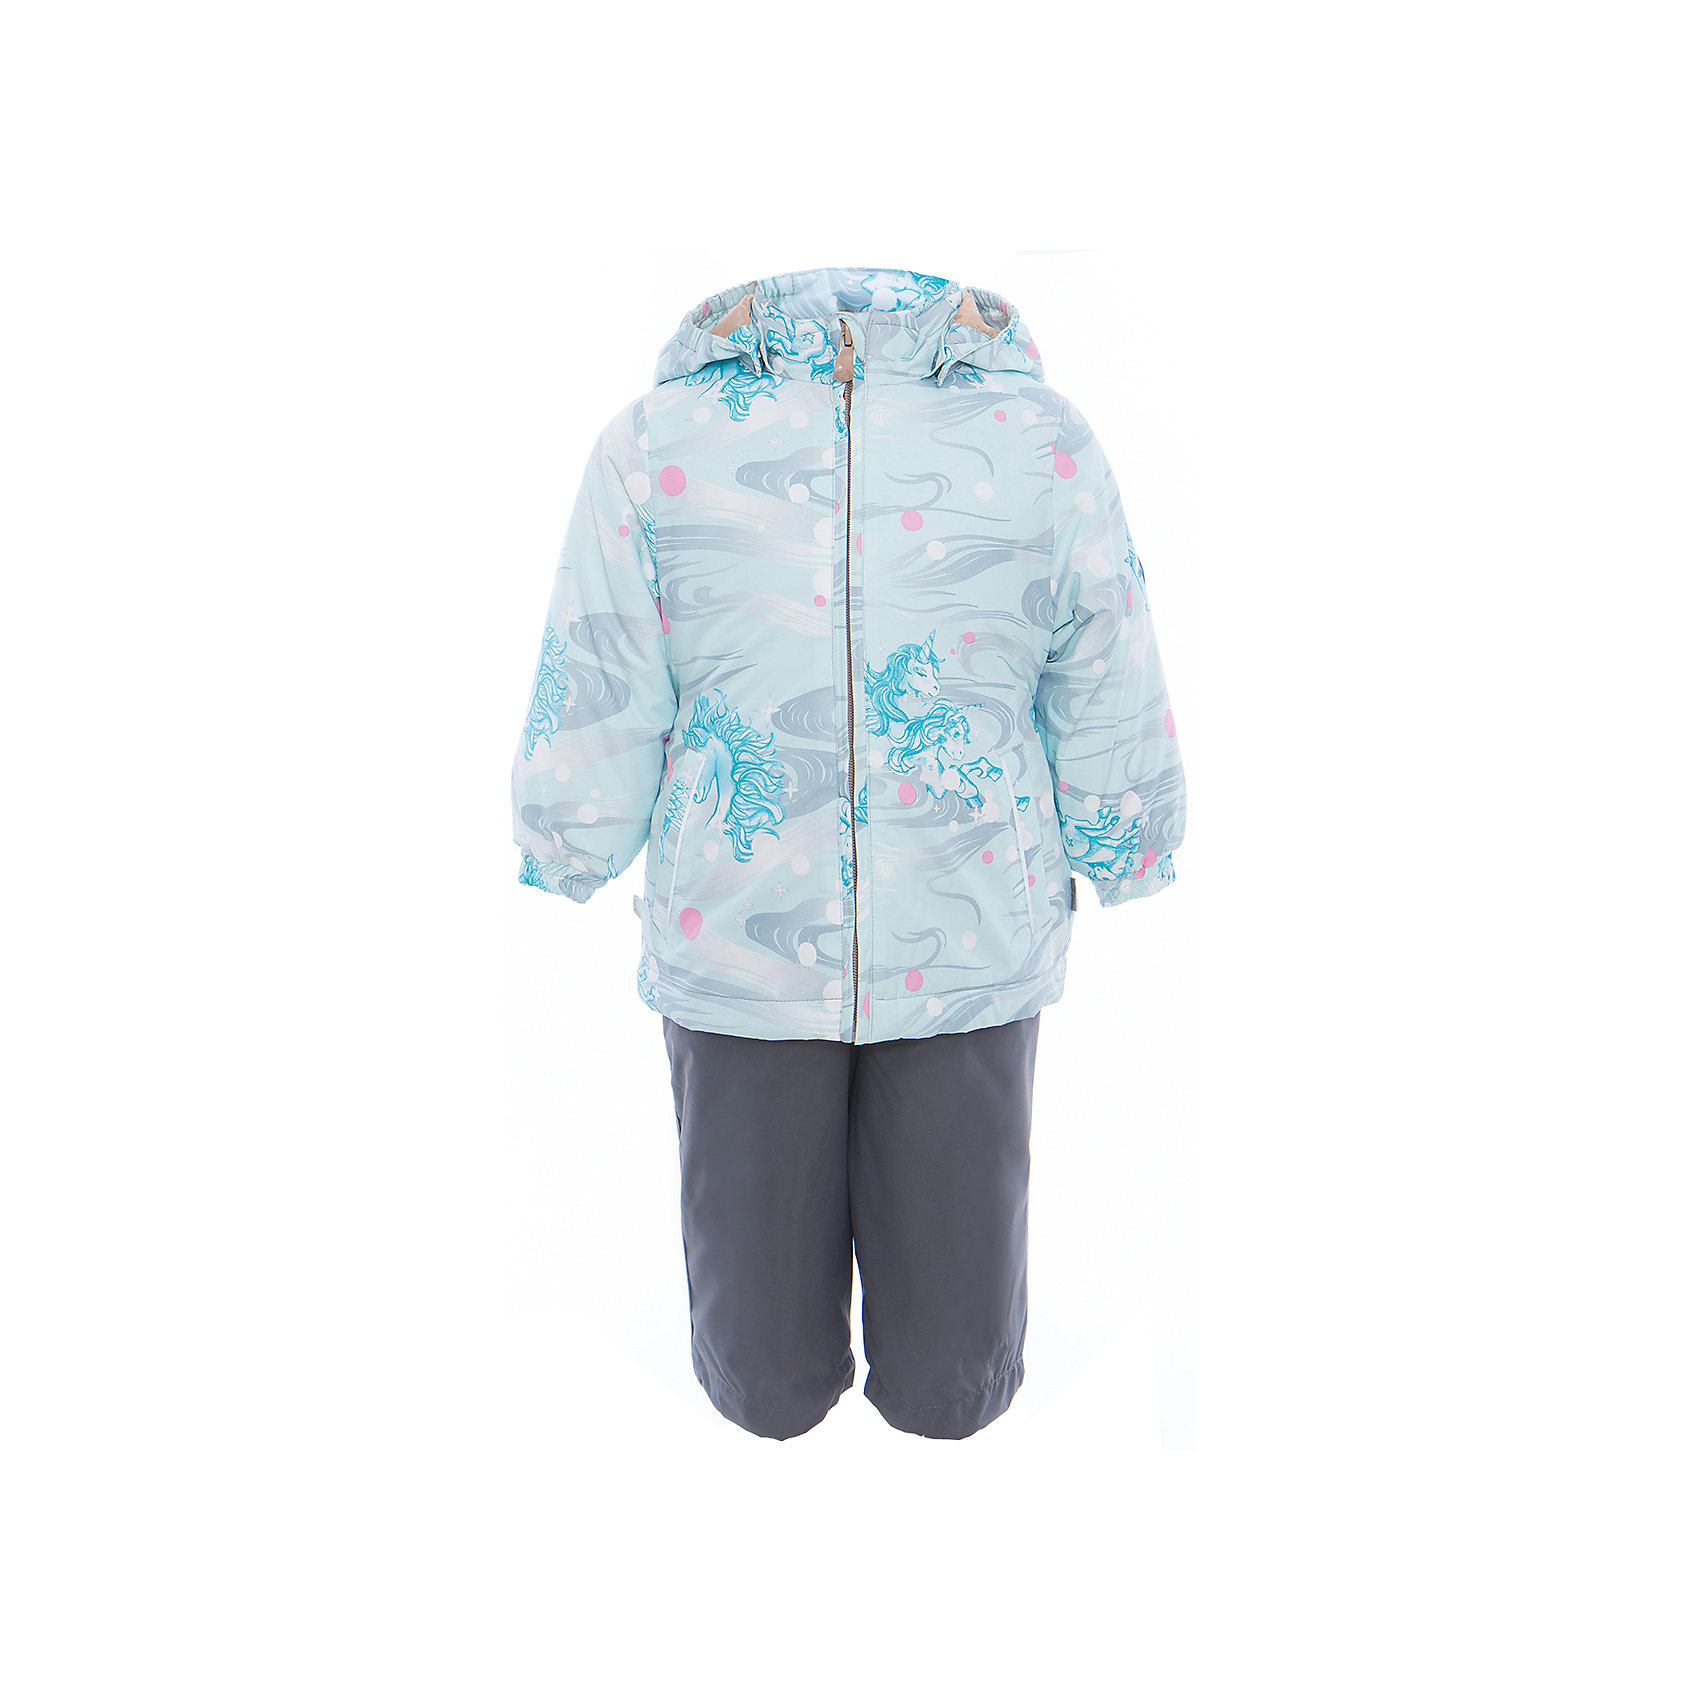 Комплект: куртка и полукомбинезон для девочки YONNE HuppaКомплекты<br>Характеристики товара:<br><br>• цвет: аква принт/серый<br>• комплектация: куртка и полукомбинезон <br>• ткань: 100% полиэстер<br>• подкладка: тафта - 100% полиэстер<br>• утеплитель: куртка и полукомбинезон - 100% полиэстер 100 г.<br>• температурный режим: от -5°С до +10°С<br>• водонепроницаемость: верх - 5000 мм, низ - 10000 мм<br>• воздухопроницаемость: верх - 5000 мм, низ - 10000 мм<br>• светоотражающие детали<br>• шов сидения проклеен<br>• съёмный капюшон с резинкой<br>• защита подбородка от молнии<br>• эластичные манжеты на рукавах<br>• регулируемый низ брючин<br>• эластичный шнур с фиксатором внизу брючин<br>• без внутренних швов<br>• резиновые подтяжки<br>• коллекция: весна-лето 2017<br>• страна бренда: Эстония<br><br>Такой модный демисезонный комплект  обеспечит детям тепло и комфорт. Он сделан из материала, отталкивающего воду, и дополнен подкладкой с утеплителем, поэтому изделие идеально подходит для межсезонья. Материал изделий - с мембранной технологией: защищая от влаги и ветра, он легко выводит лишнюю влагу наружу. Комплект очень симпатично смотрится. <br><br>Одежда и обувь от популярного эстонского бренда Huppa - отличный вариант одеть ребенка можно и комфортно. Вещи, выпускаемые компанией, качественные, продуманные и очень удобные. Для производства изделий используются только безопасные для детей материалы. Продукция от Huppa порадует и детей, и их родителей!<br><br>Комплект: куртка и полукомбинезон YONNE от бренда Huppa (Хуппа) можно купить в нашем интернет-магазине.<br><br>Ширина мм: 356<br>Глубина мм: 10<br>Высота мм: 245<br>Вес г: 519<br>Цвет: зеленый<br>Возраст от месяцев: 18<br>Возраст до месяцев: 24<br>Пол: Женский<br>Возраст: Детский<br>Размер: 92,98,104,110,116,122,80,86<br>SKU: 5346654